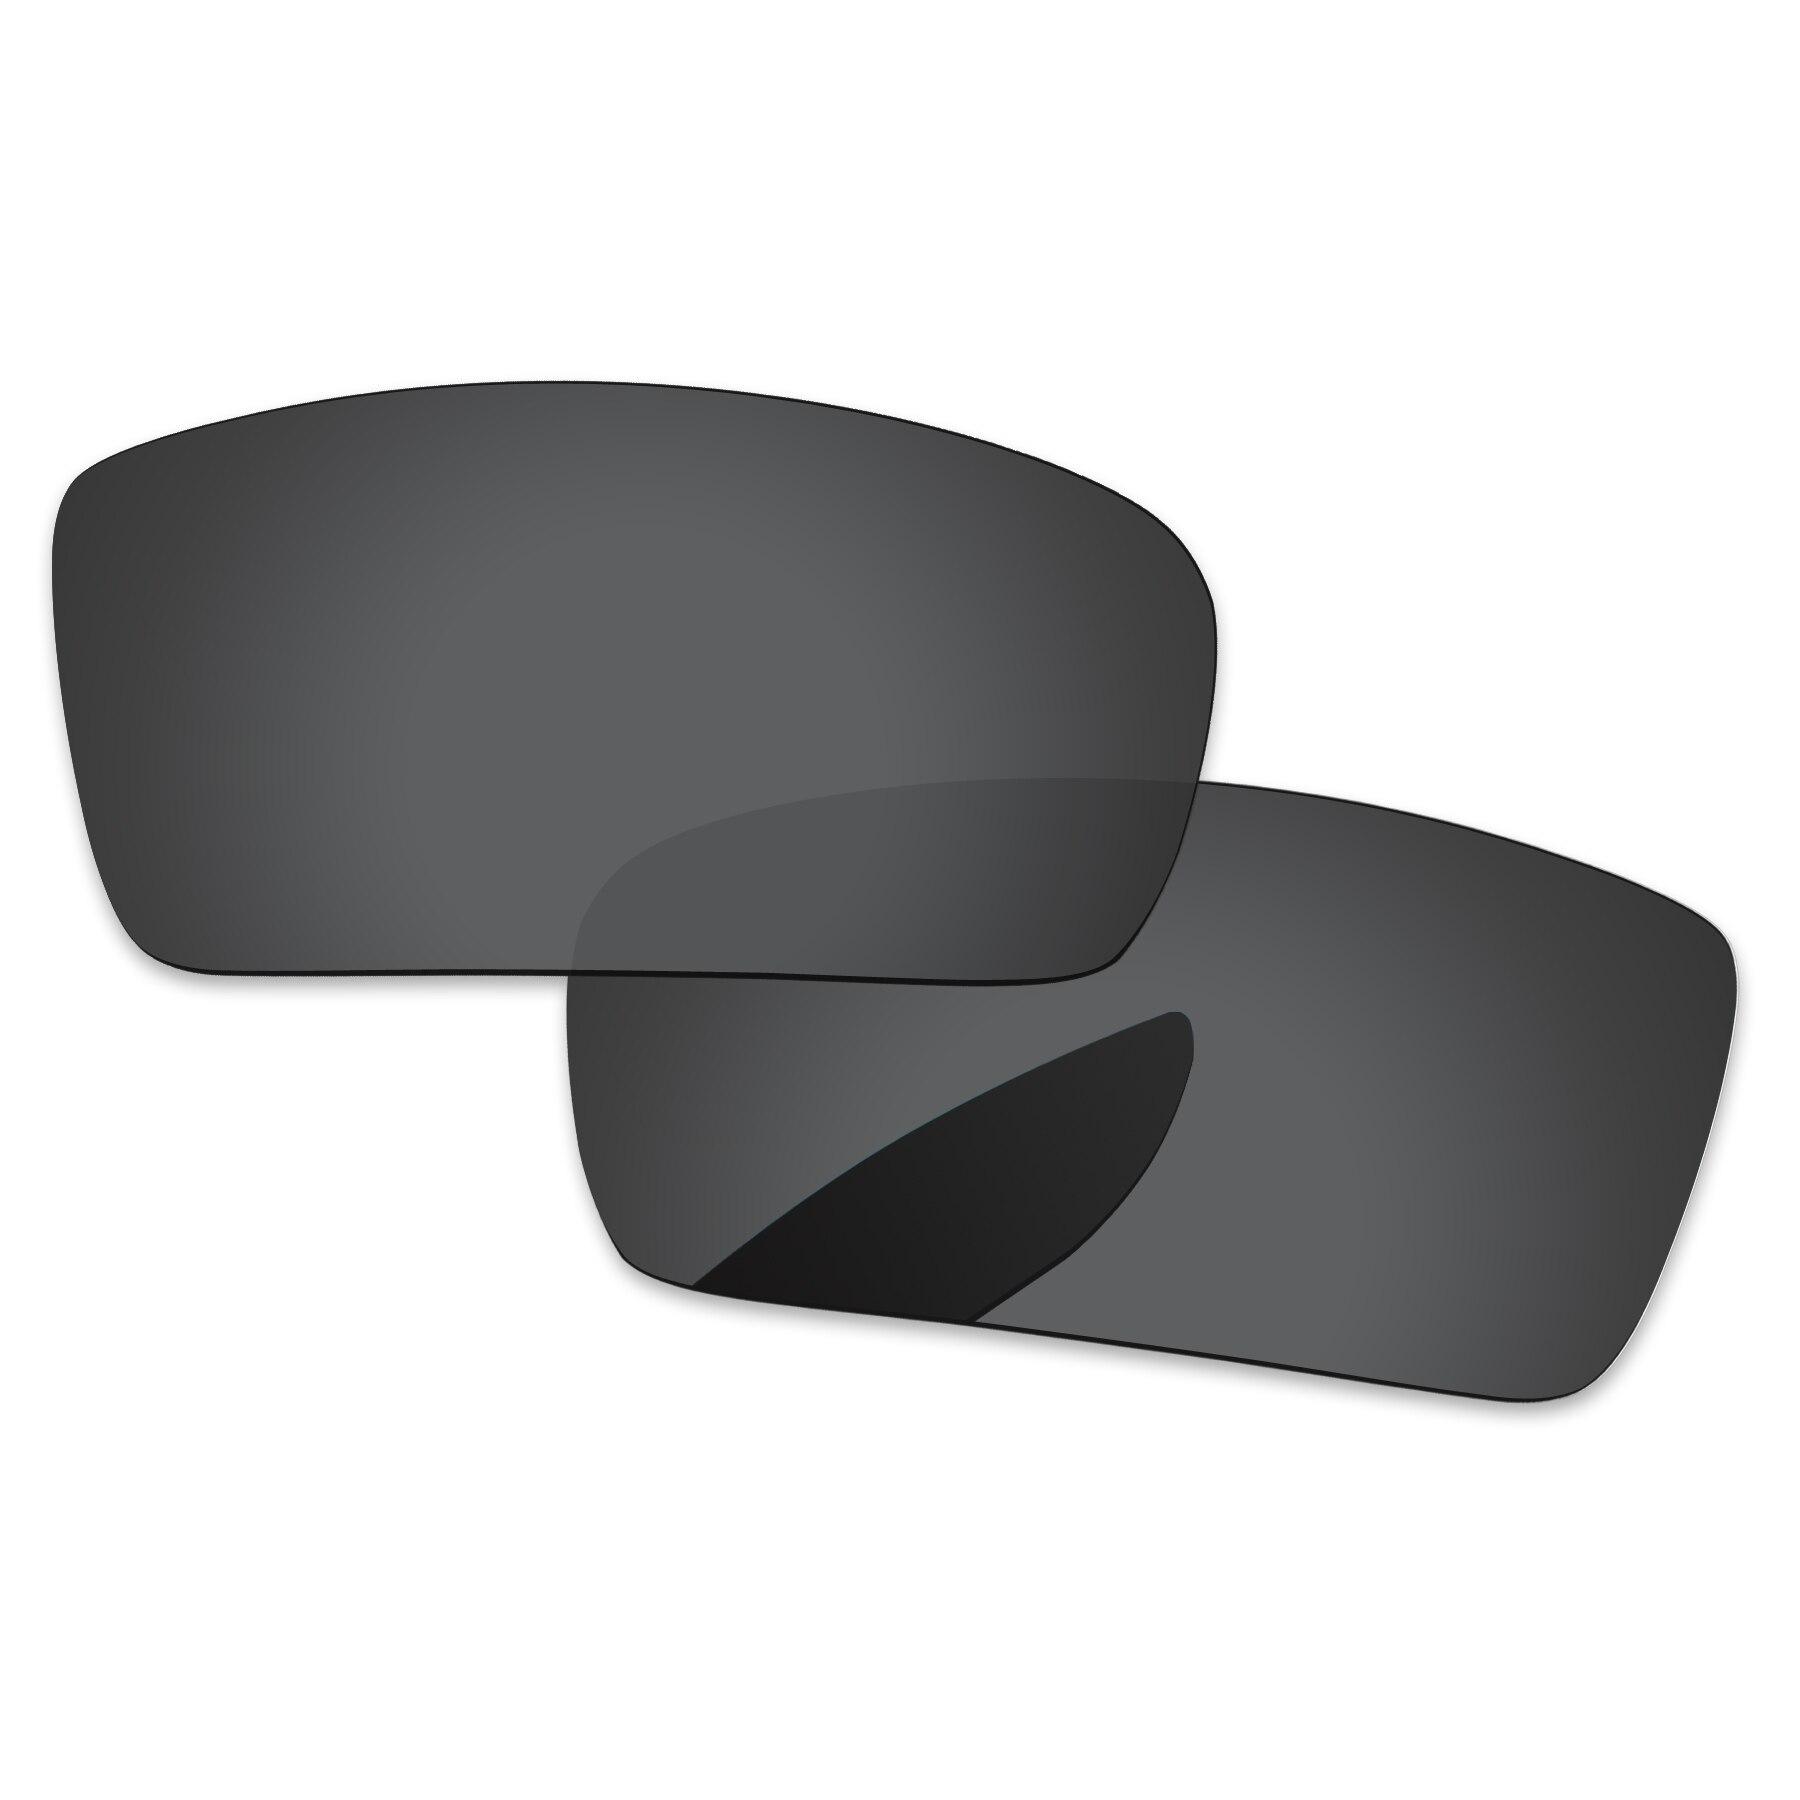 baf5f2b089 (MEGA DISCOUNT) Lentes De Repuesto Polarizados Negros Para Gafas De Sol  Gascan Marco 100% Protección UVA Y UVB | Moosermetall.se